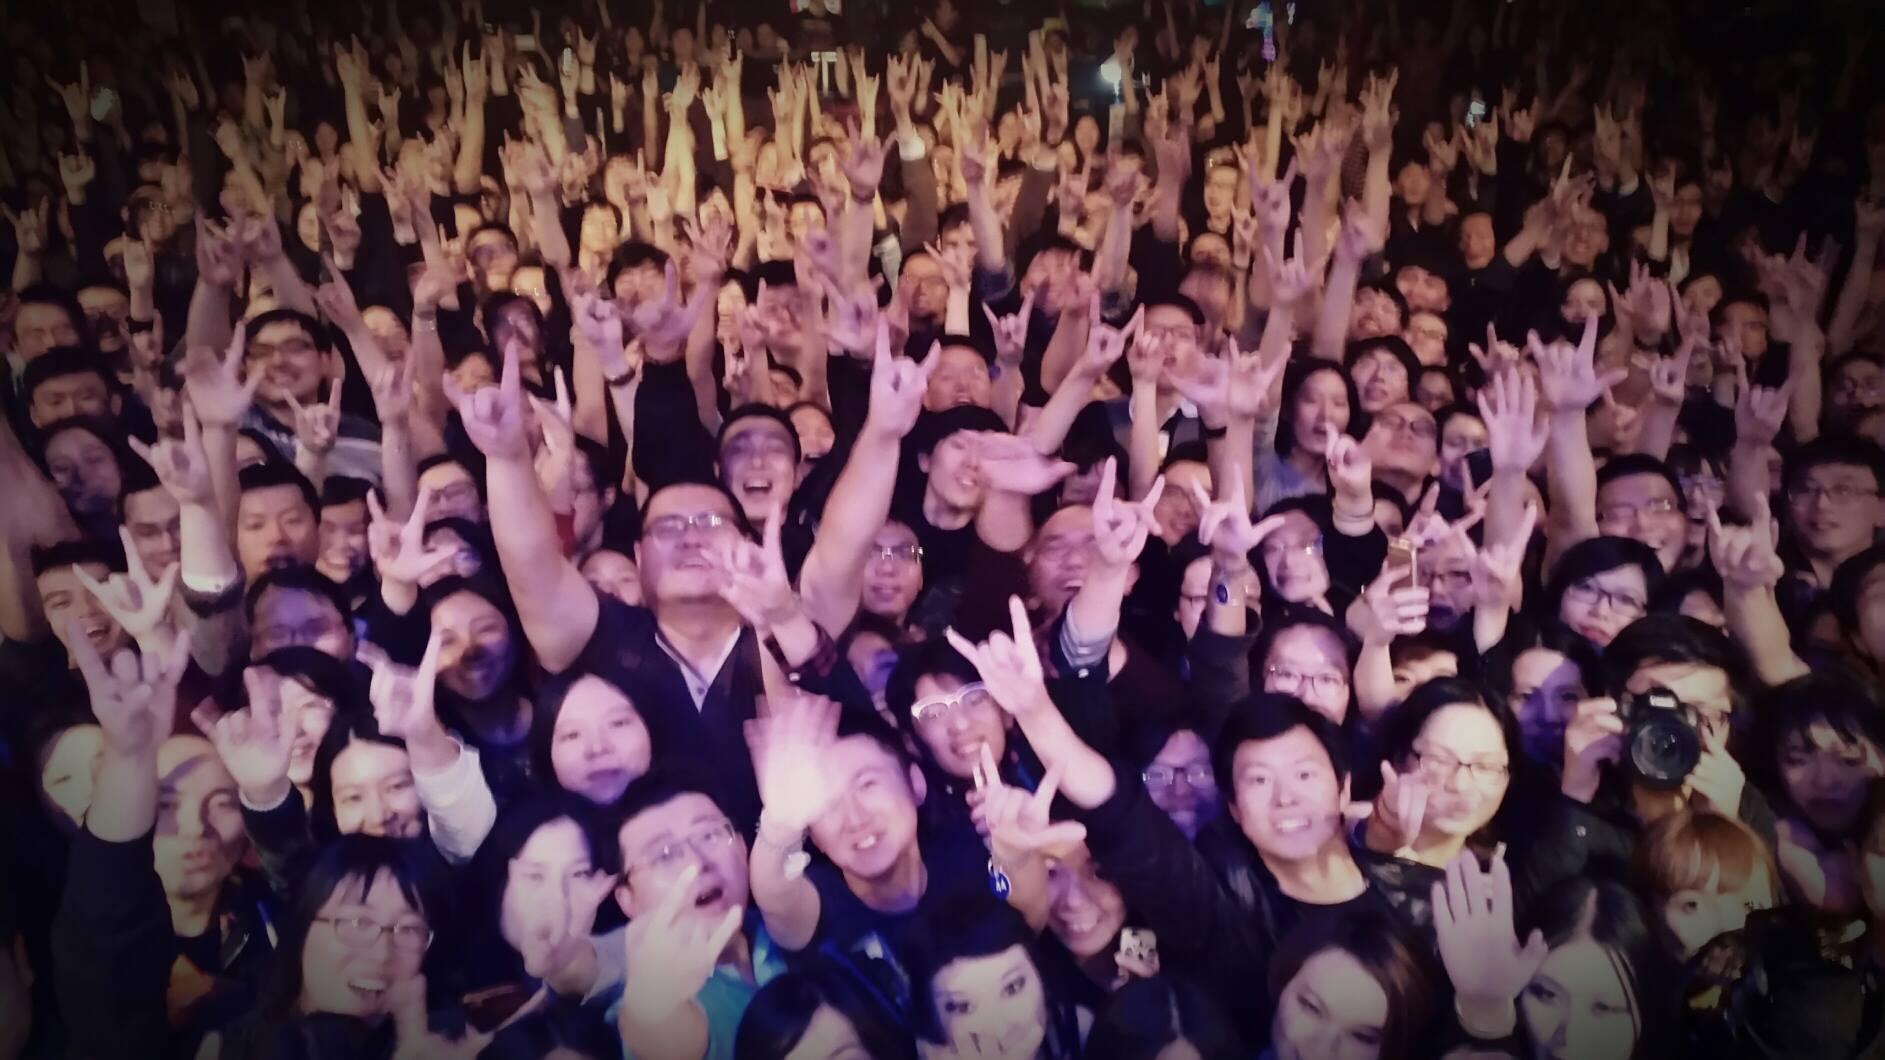 shanghai 23.11